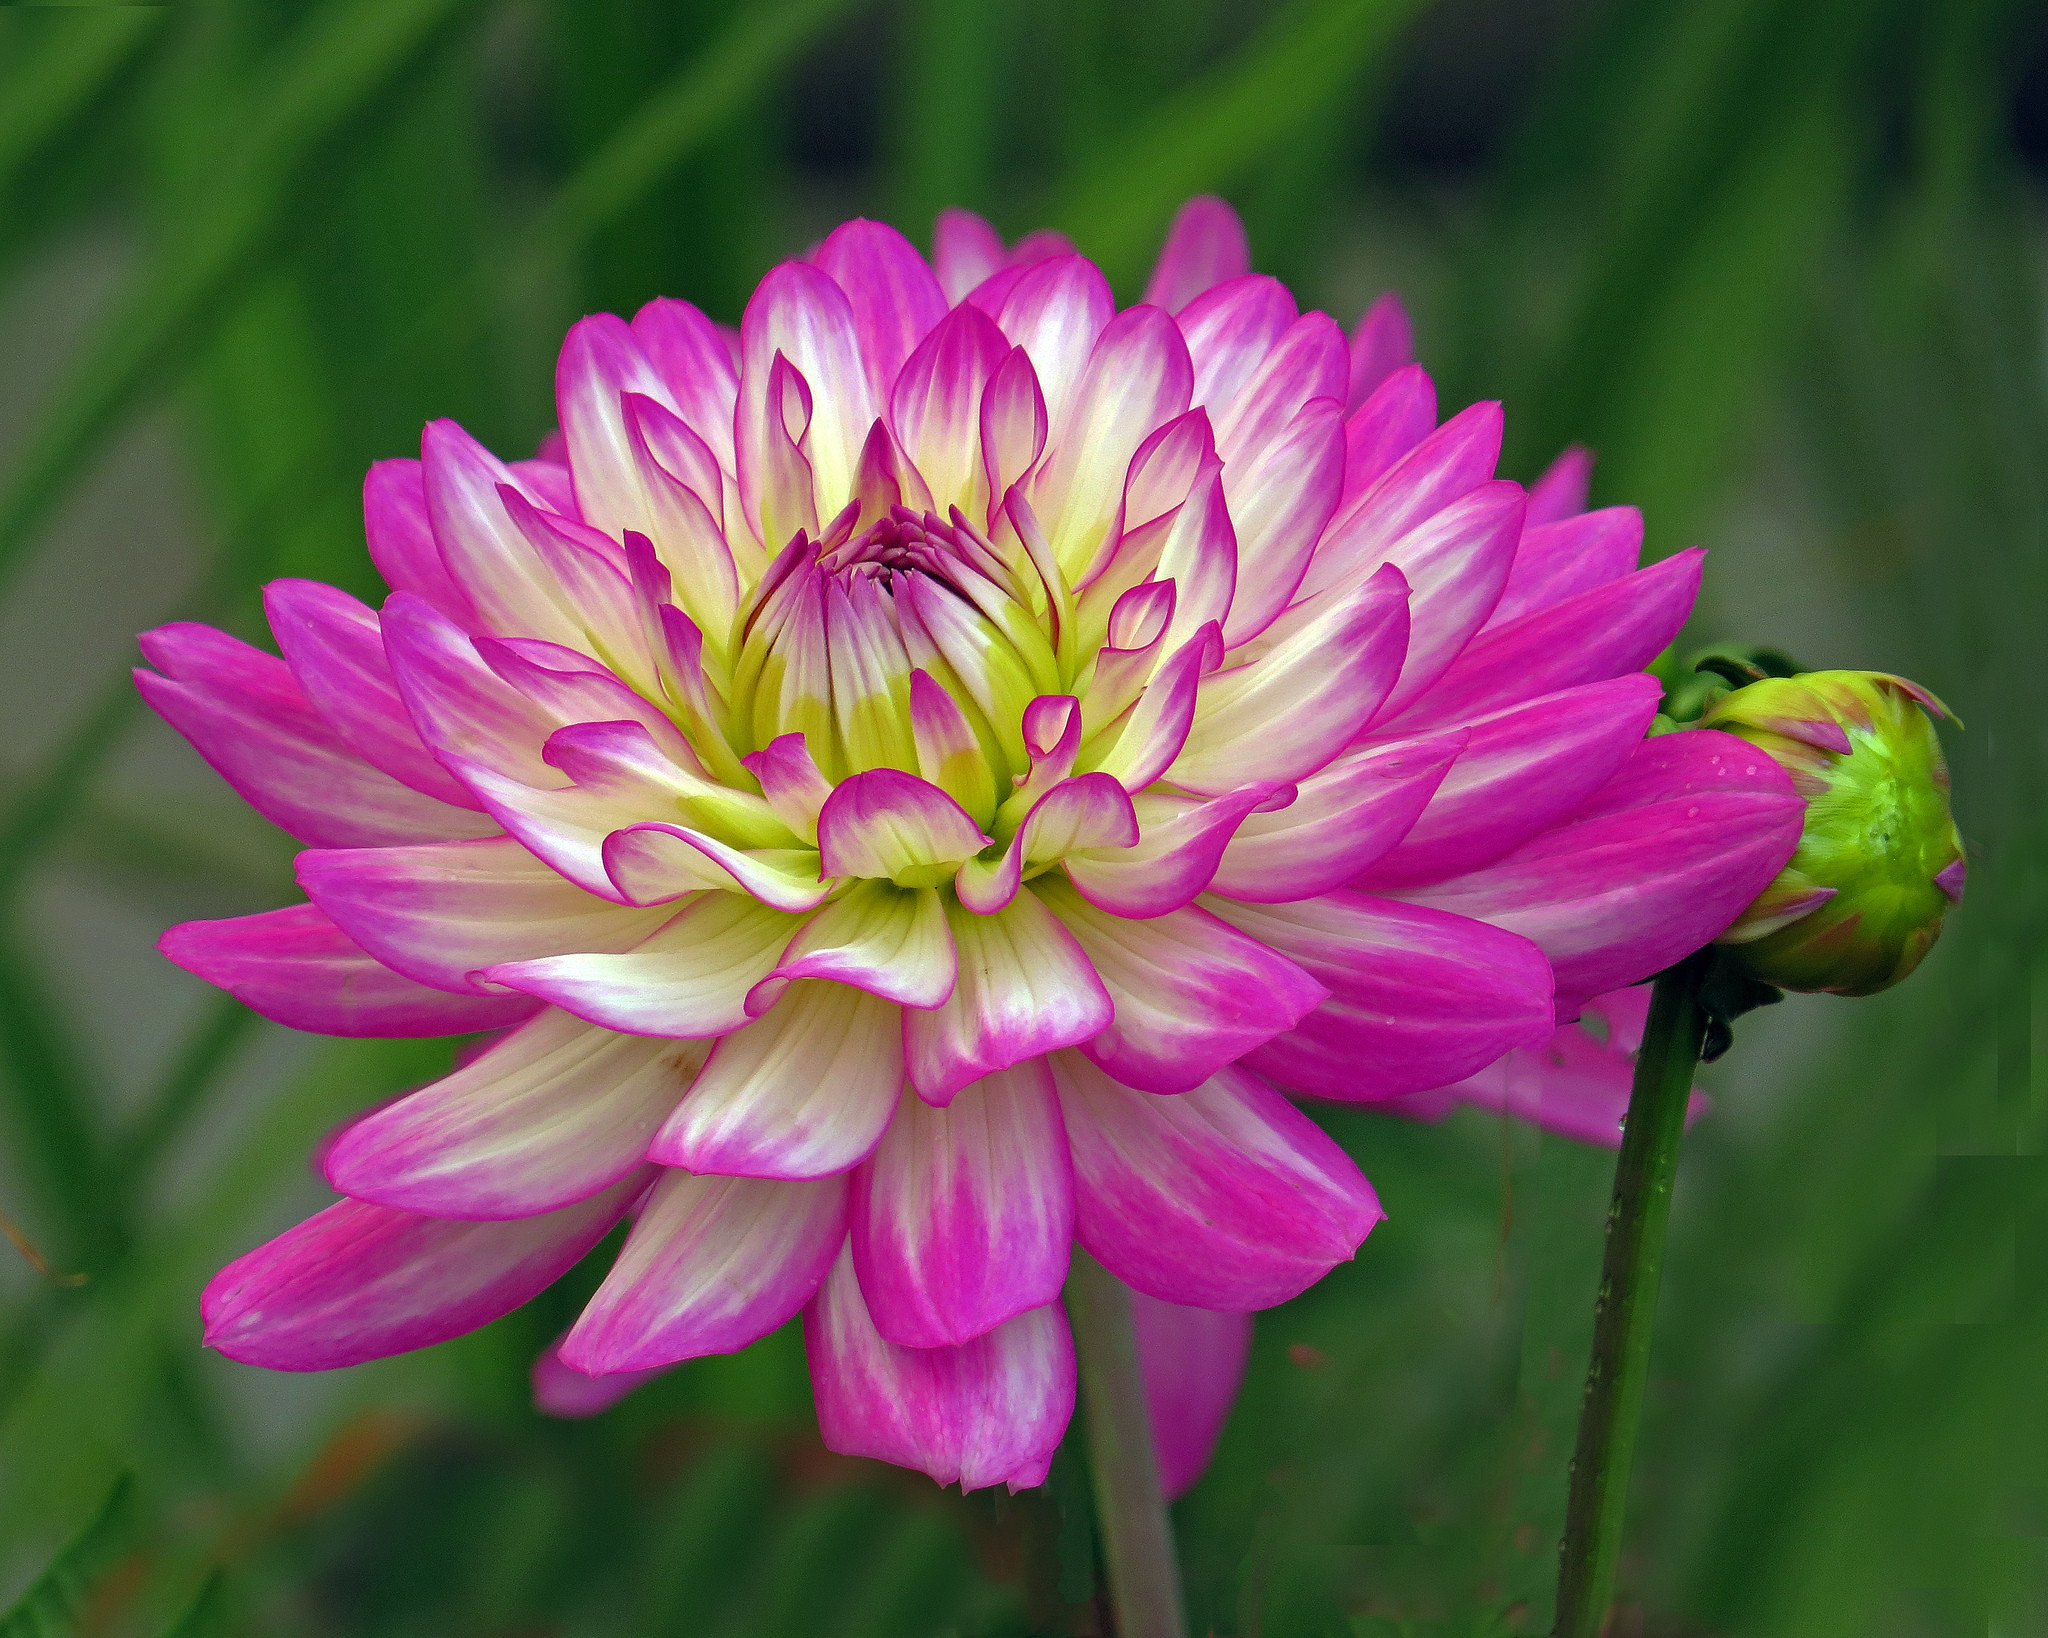 обои Dahlia, георгин, цветок, флора картинки фото